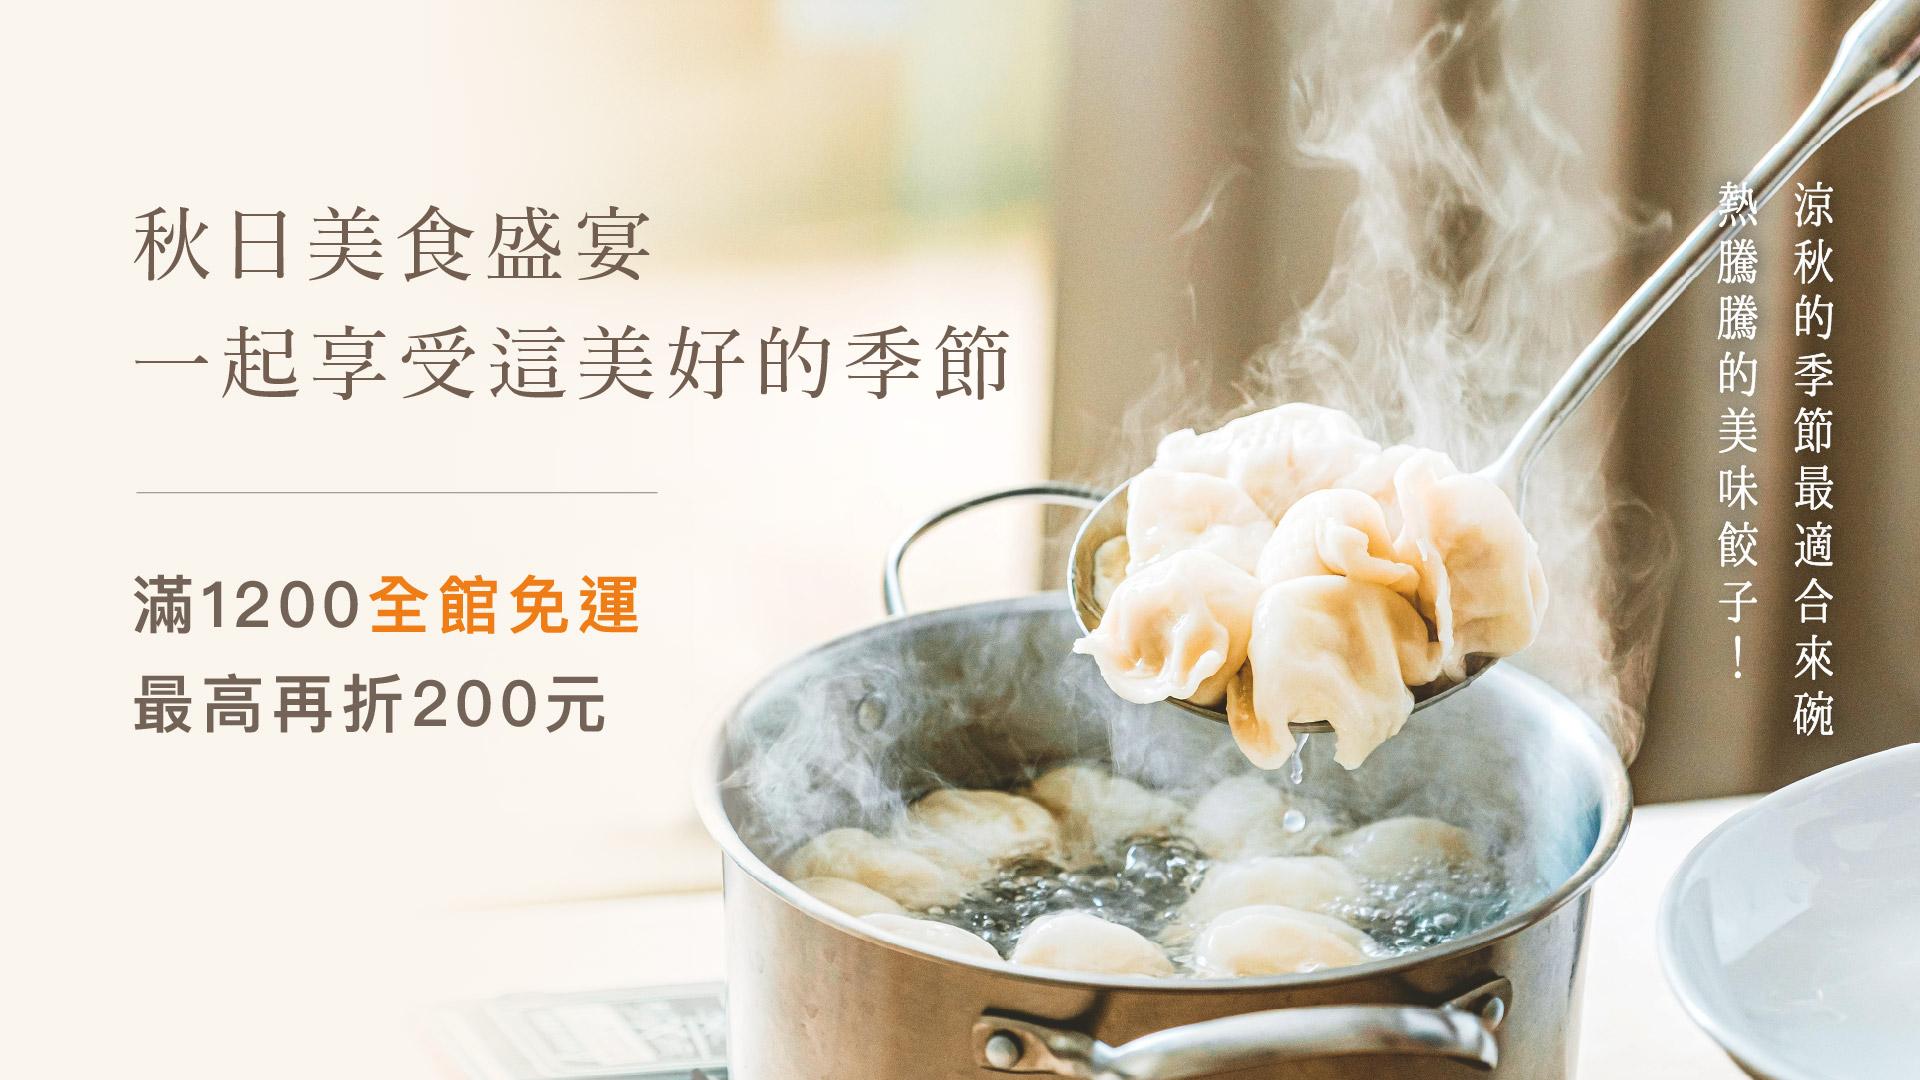 10月秋日美食盛宴-全館1200免運、1300折100活動